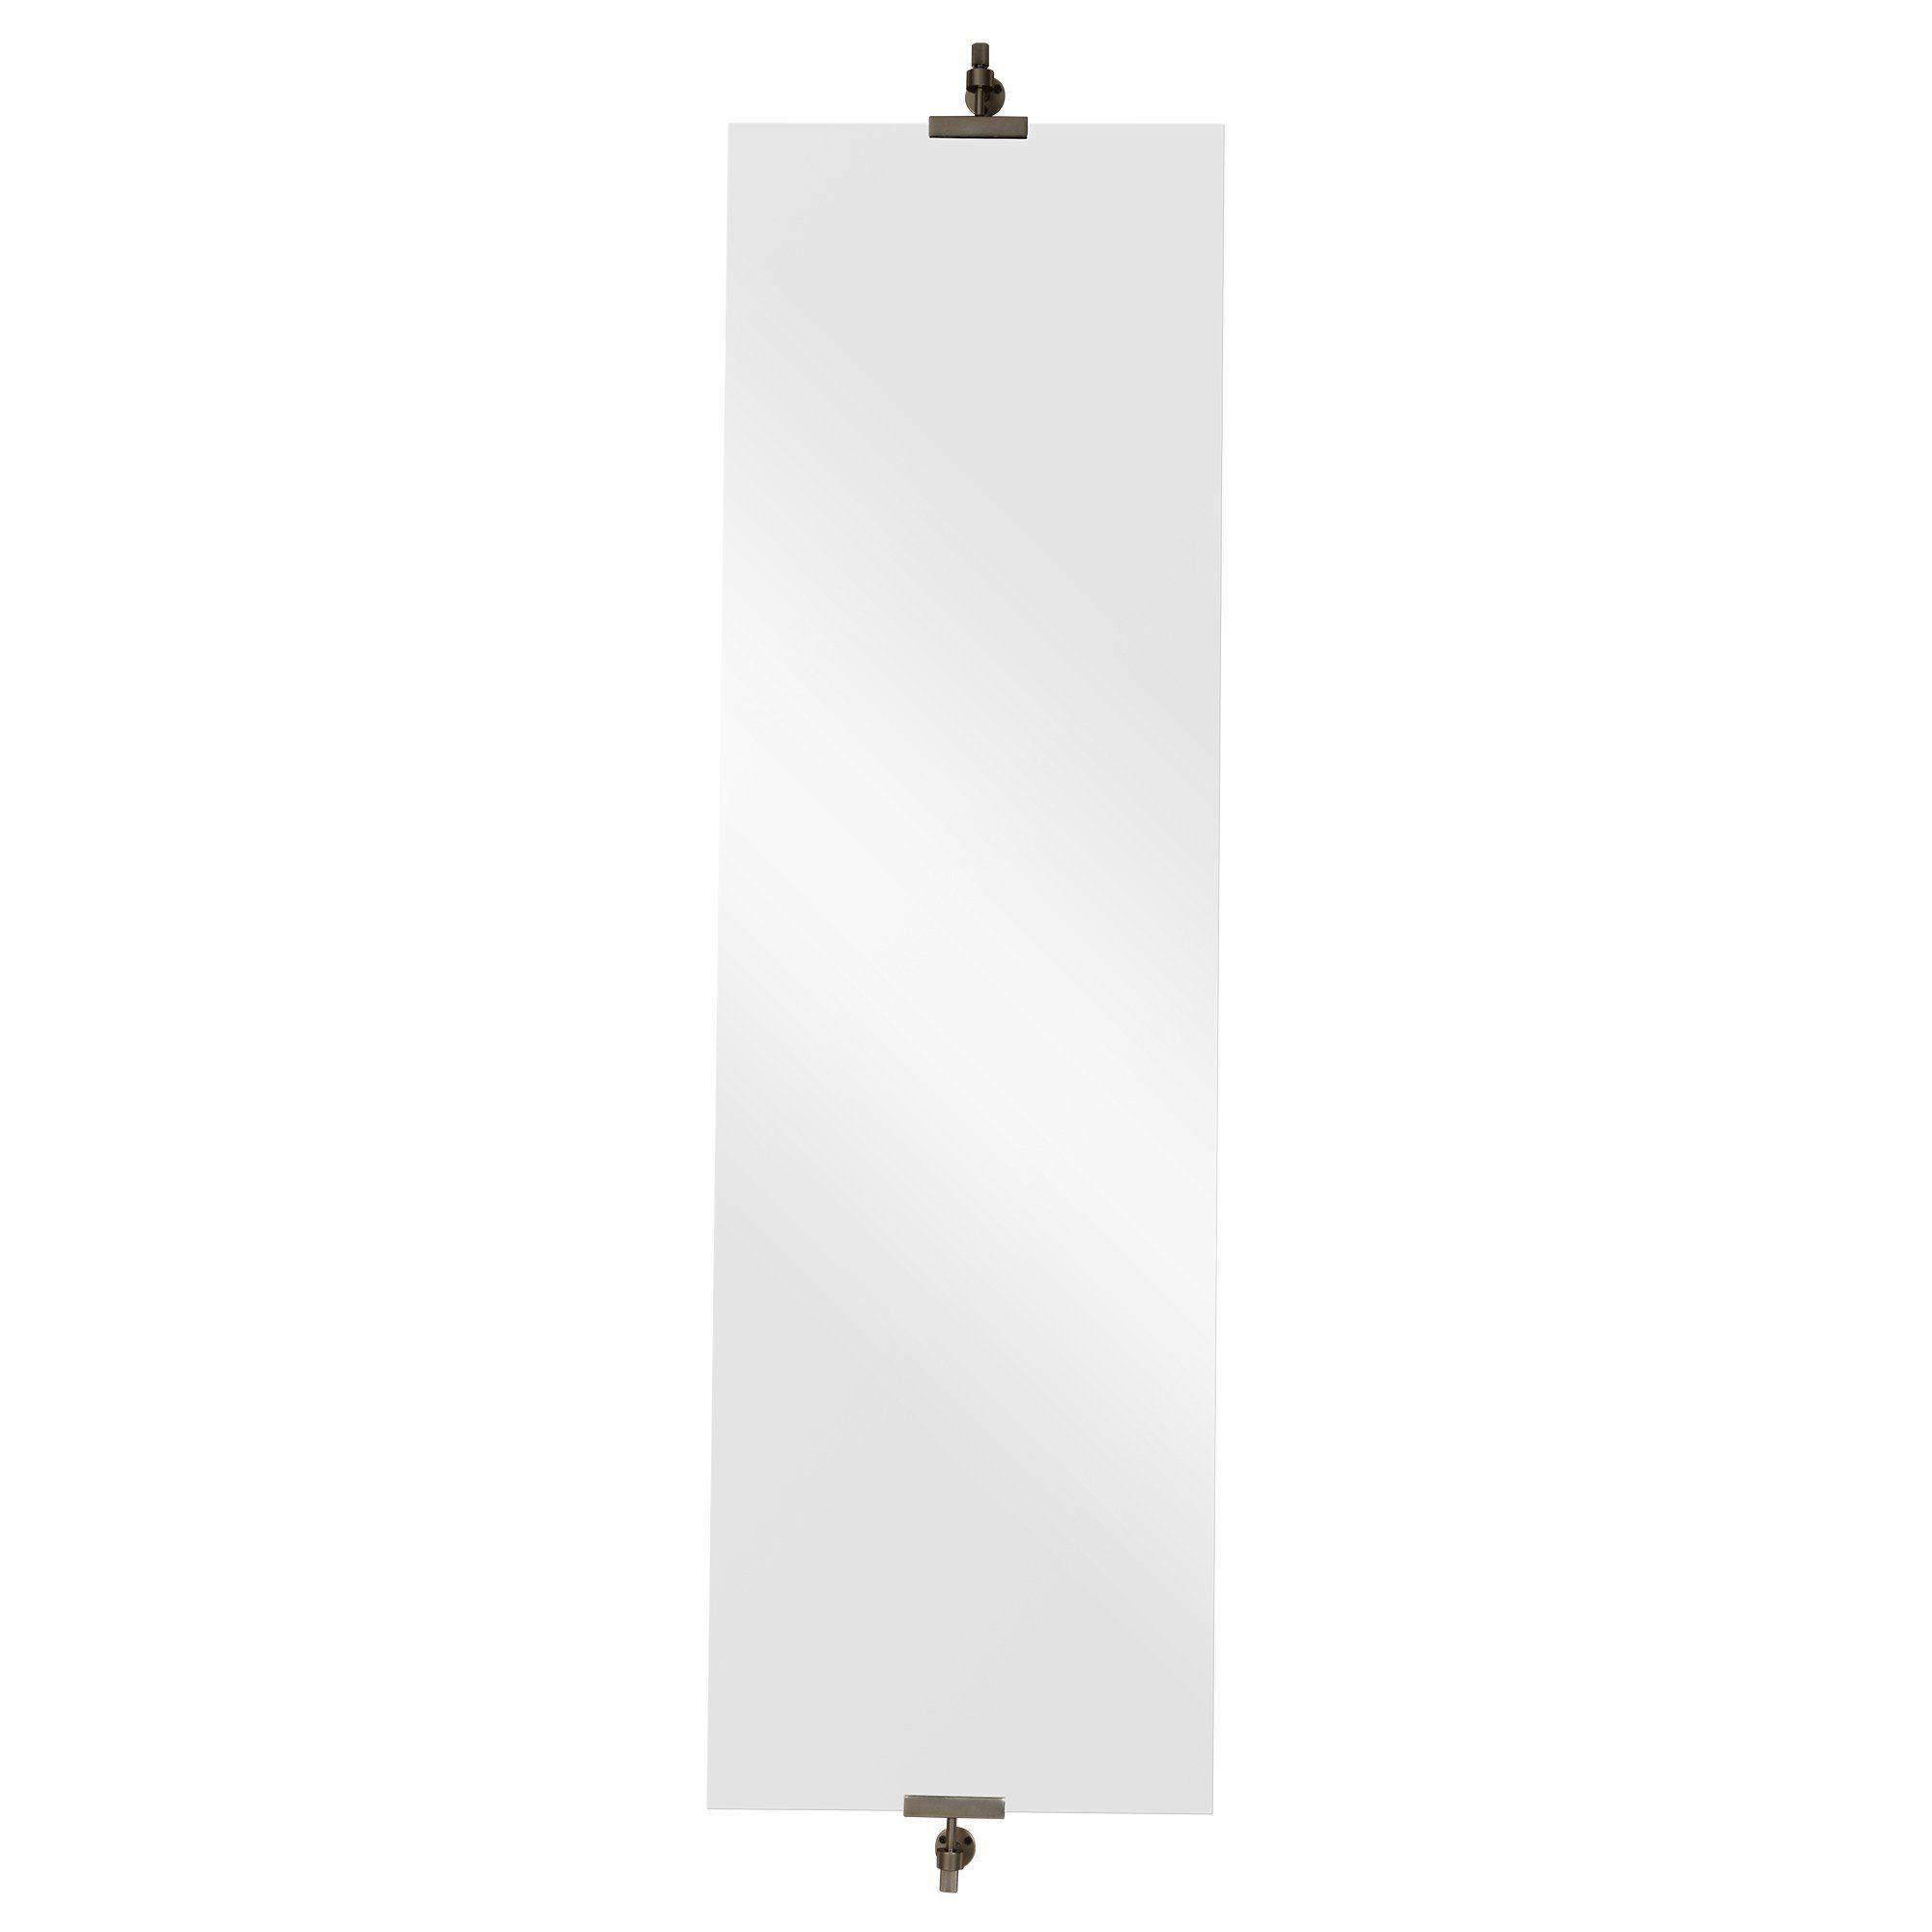 Renwil Ashlar Mirror 18 X 60 Mt1754